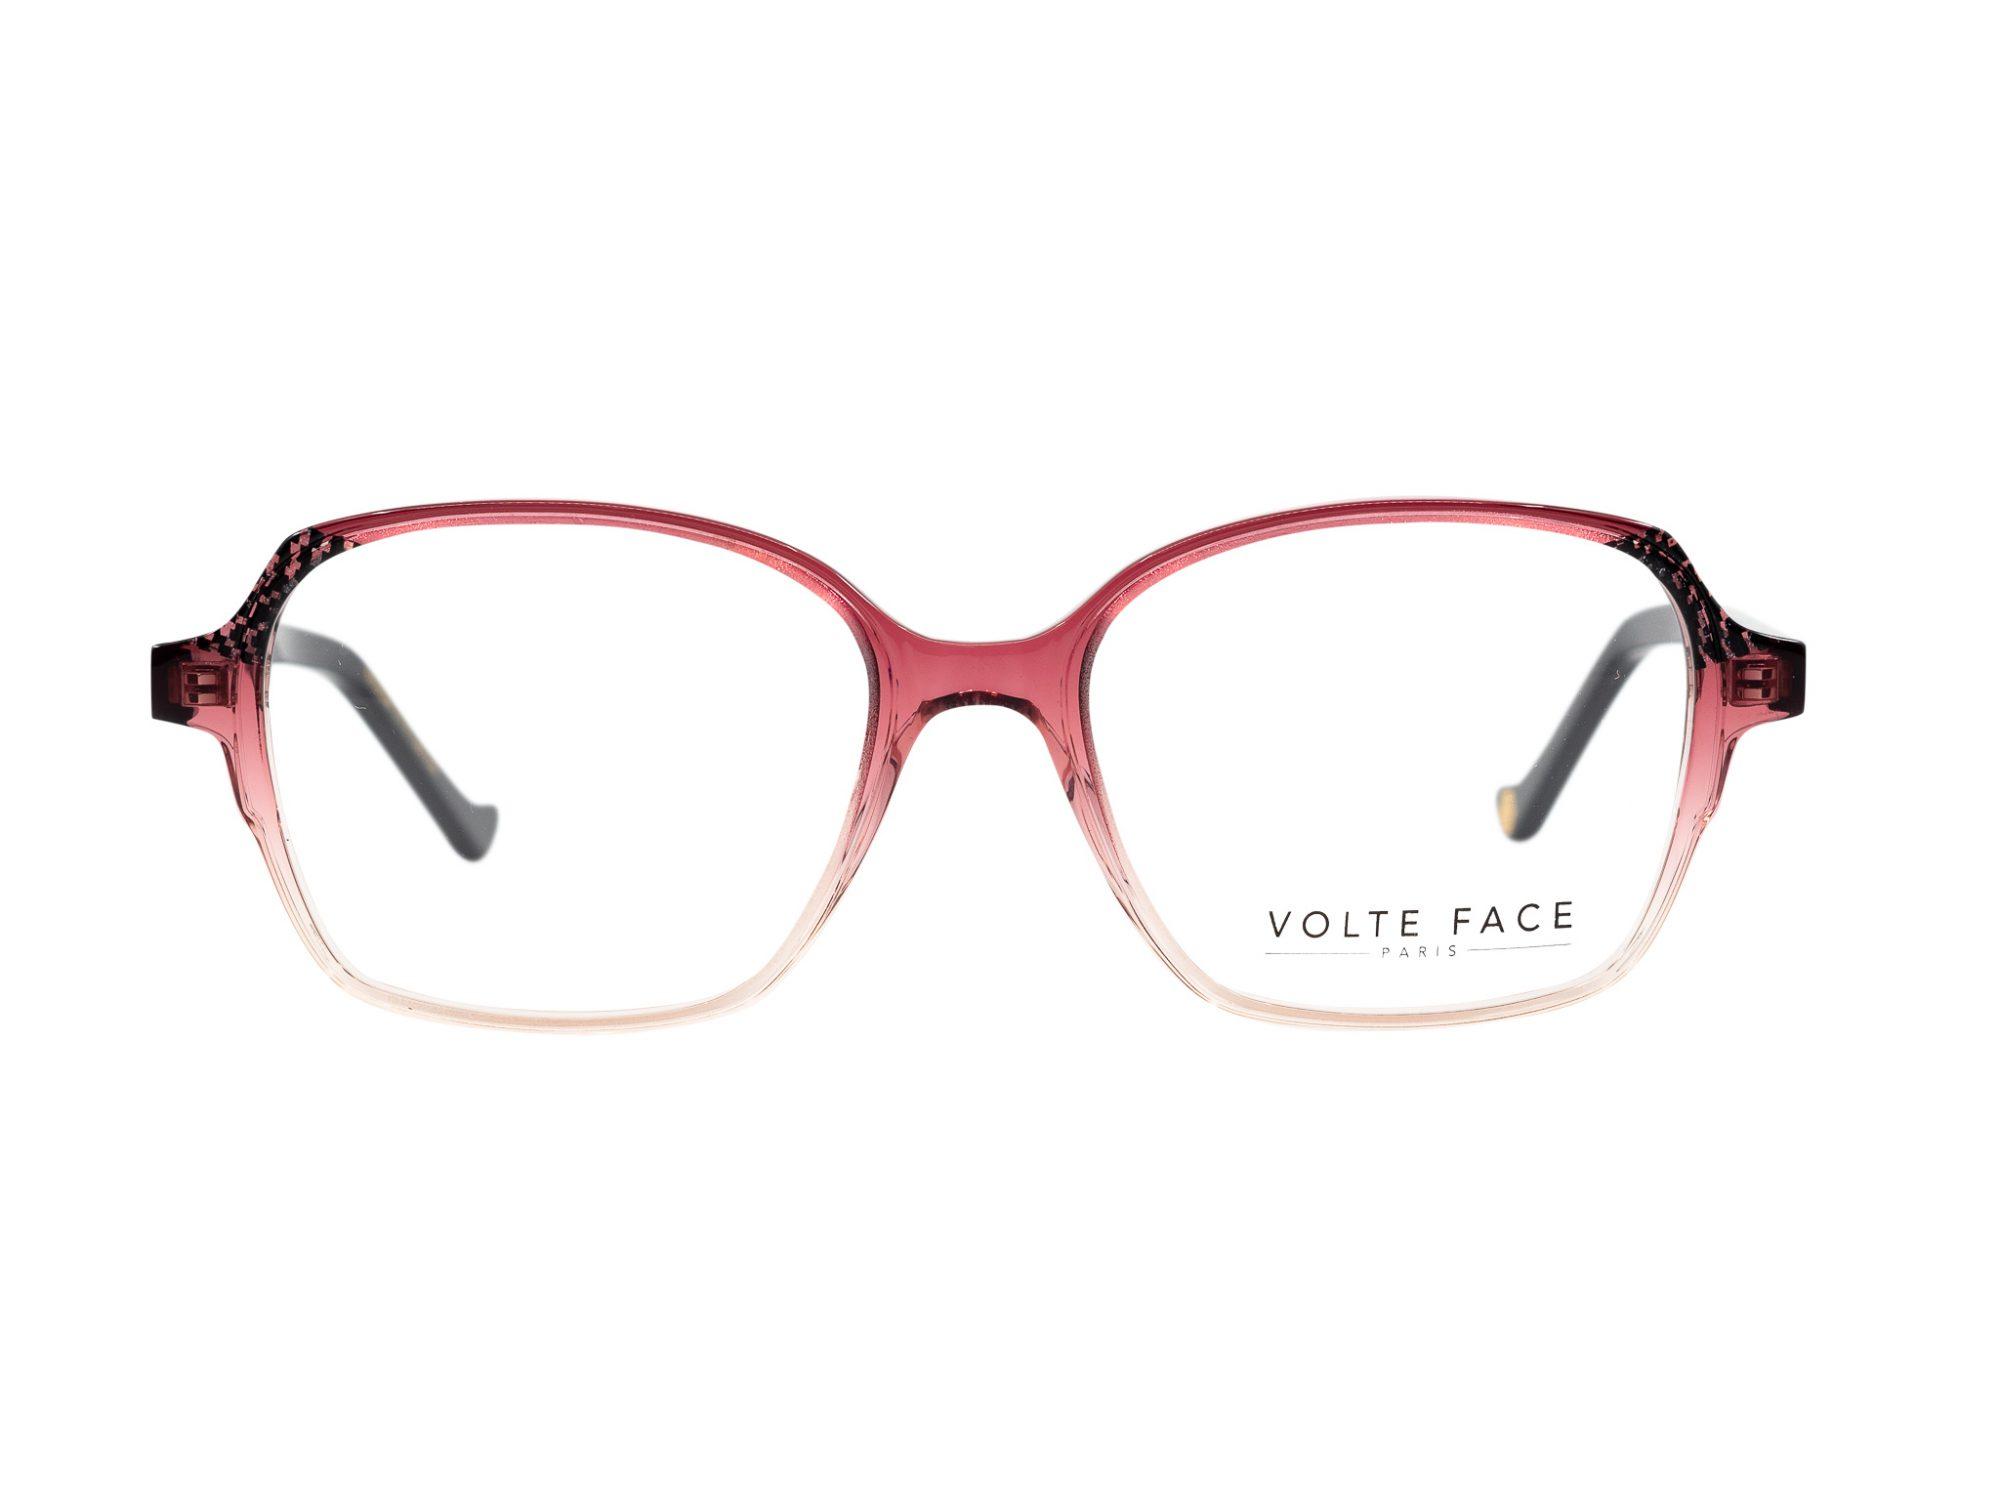 Volte Face Orely7501